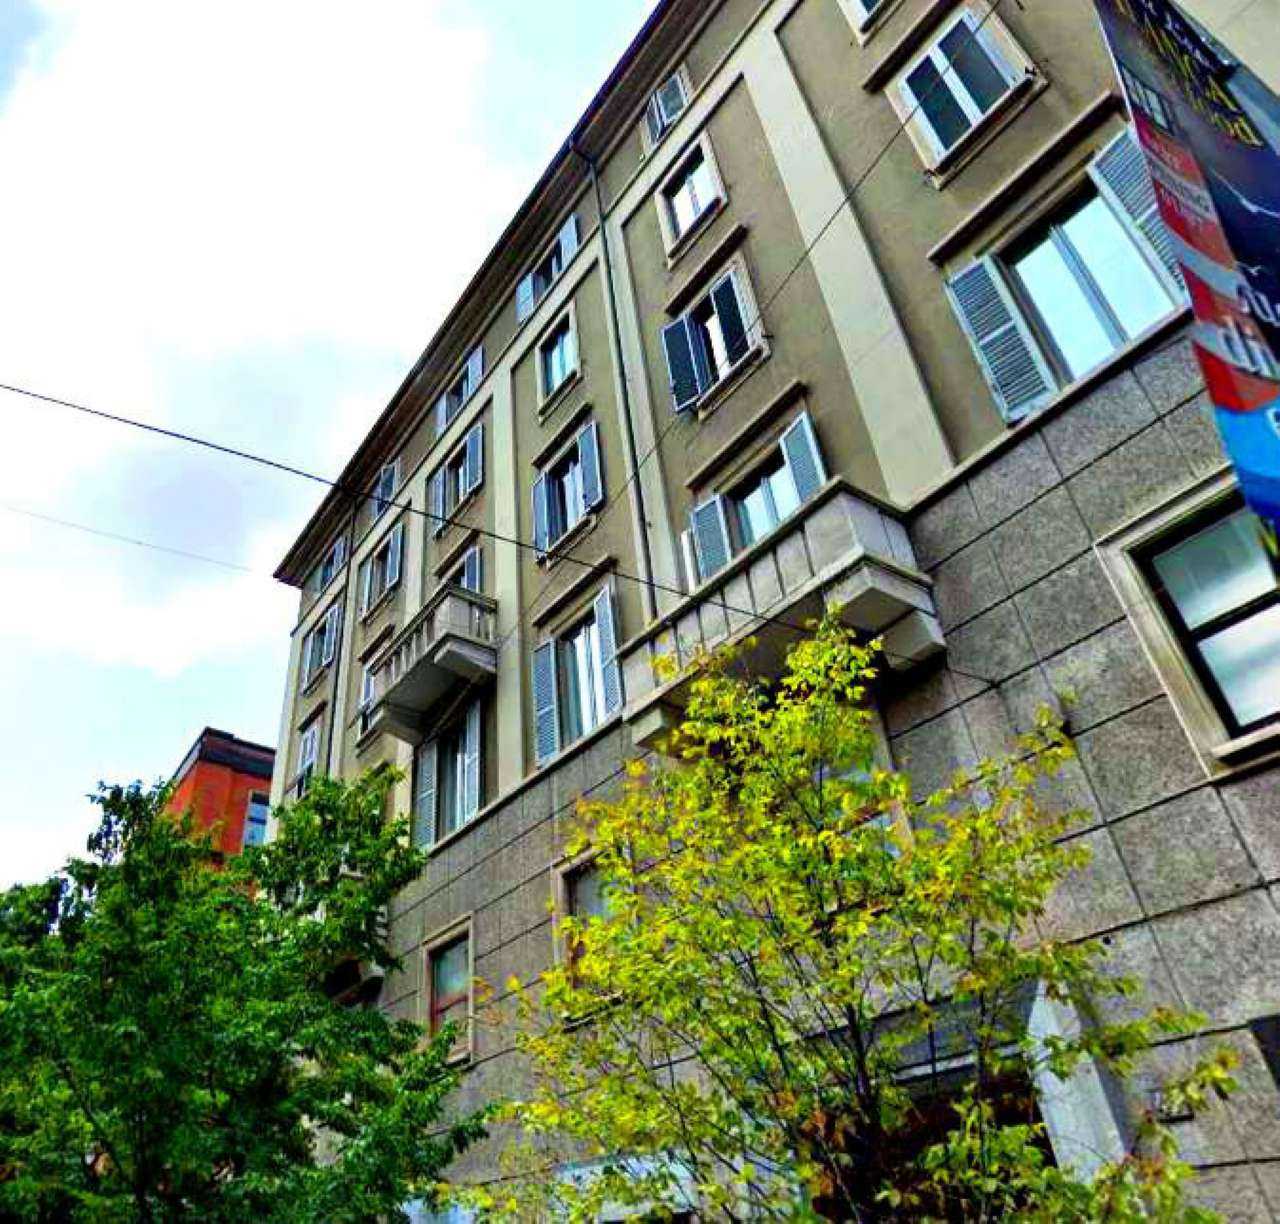 Negozio-locale in Vendita a Milano 01 Centro storico (Cerchia dei Navigli):  1 locali, 50 mq  - Foto 1